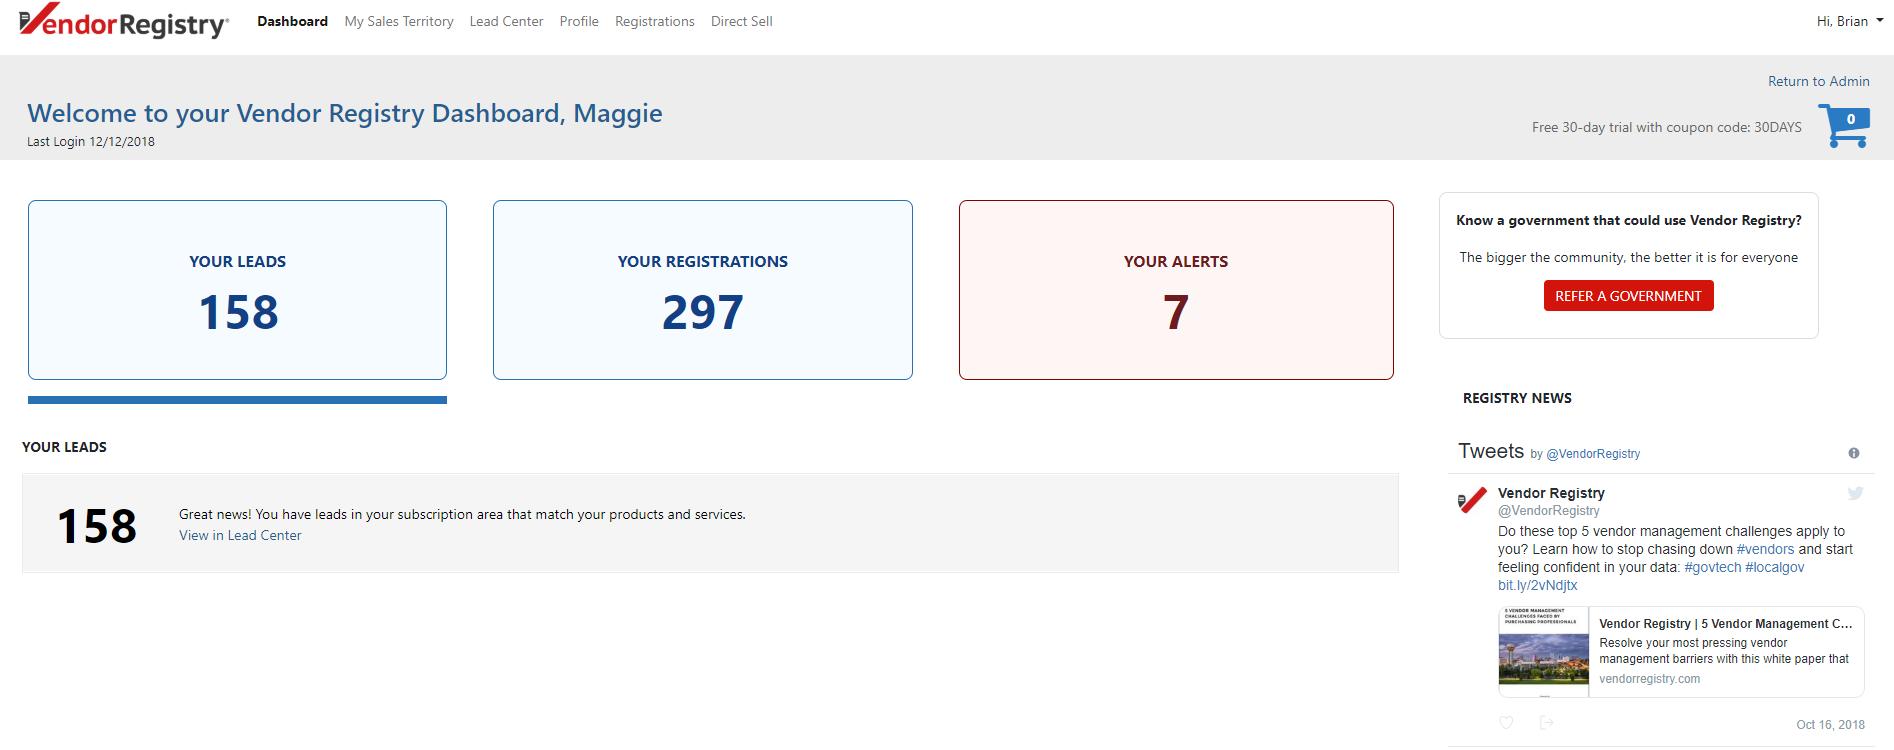 Vendor Registry Demo - Vendor Dashboard